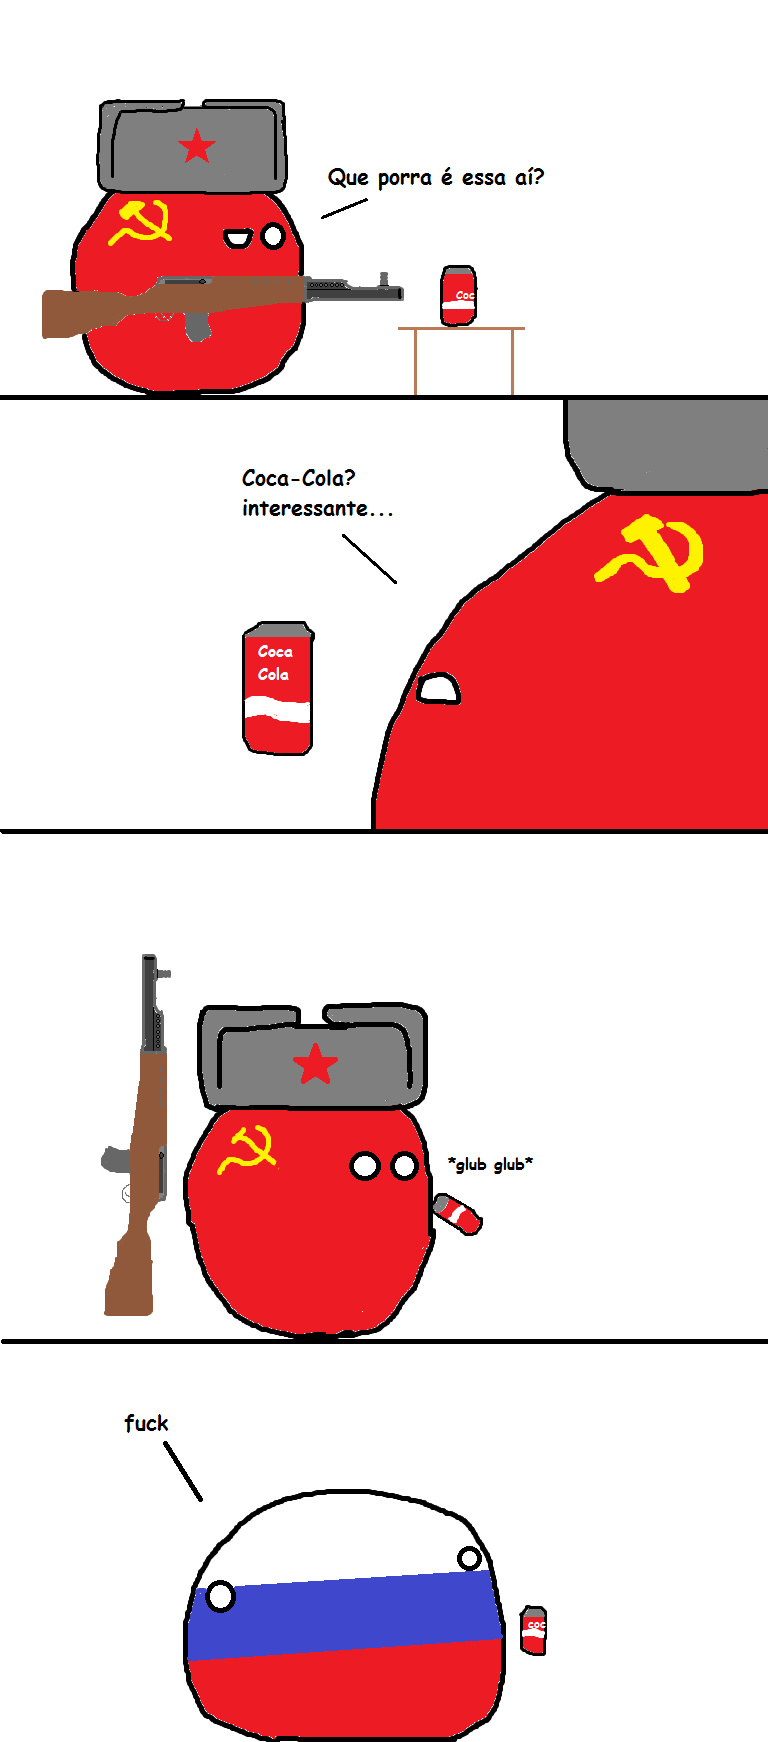 Os efeitos da coca cola - meme